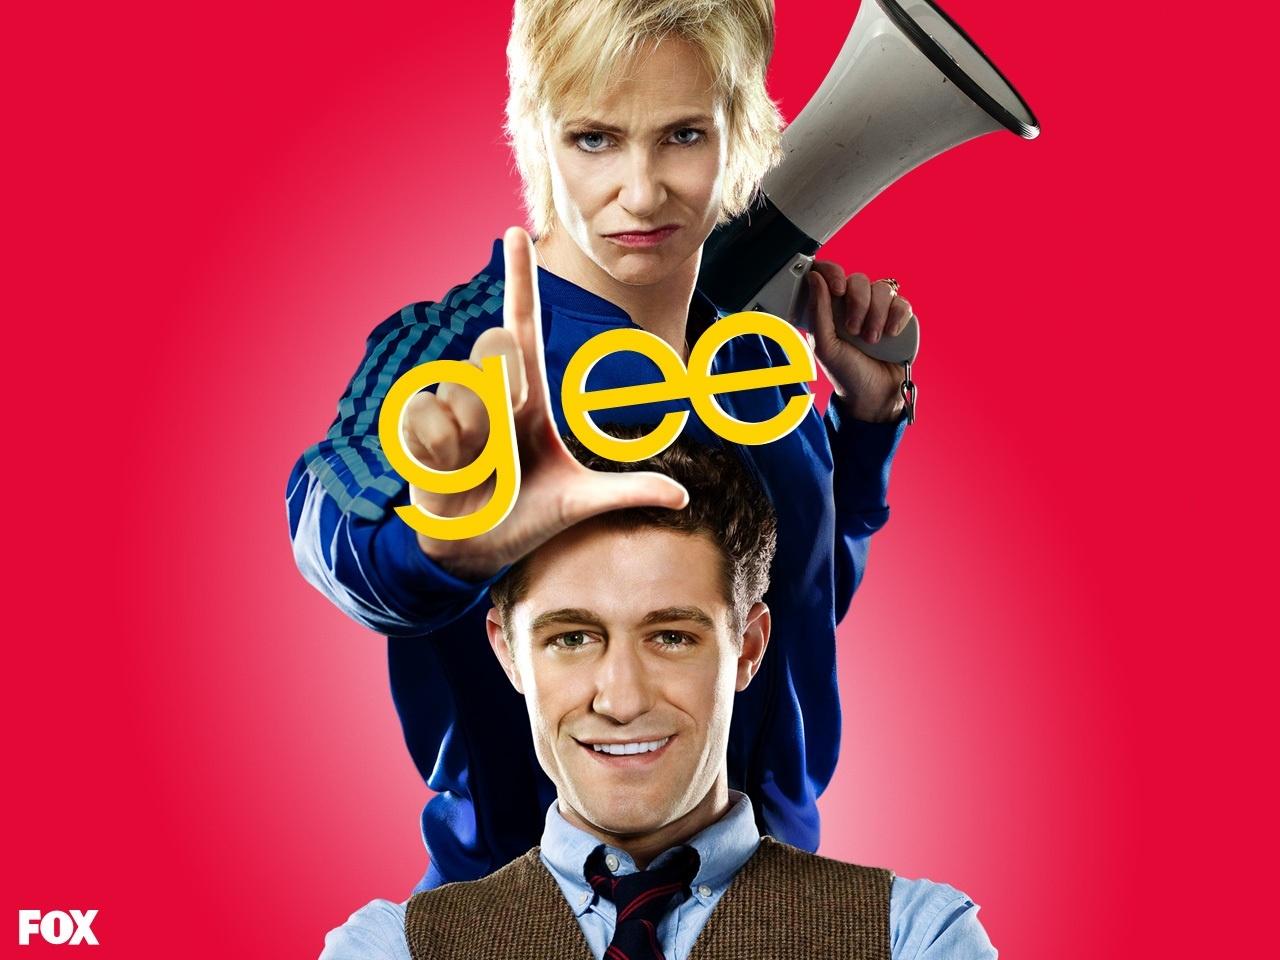 La música vuelve con los chicos de »Glee»